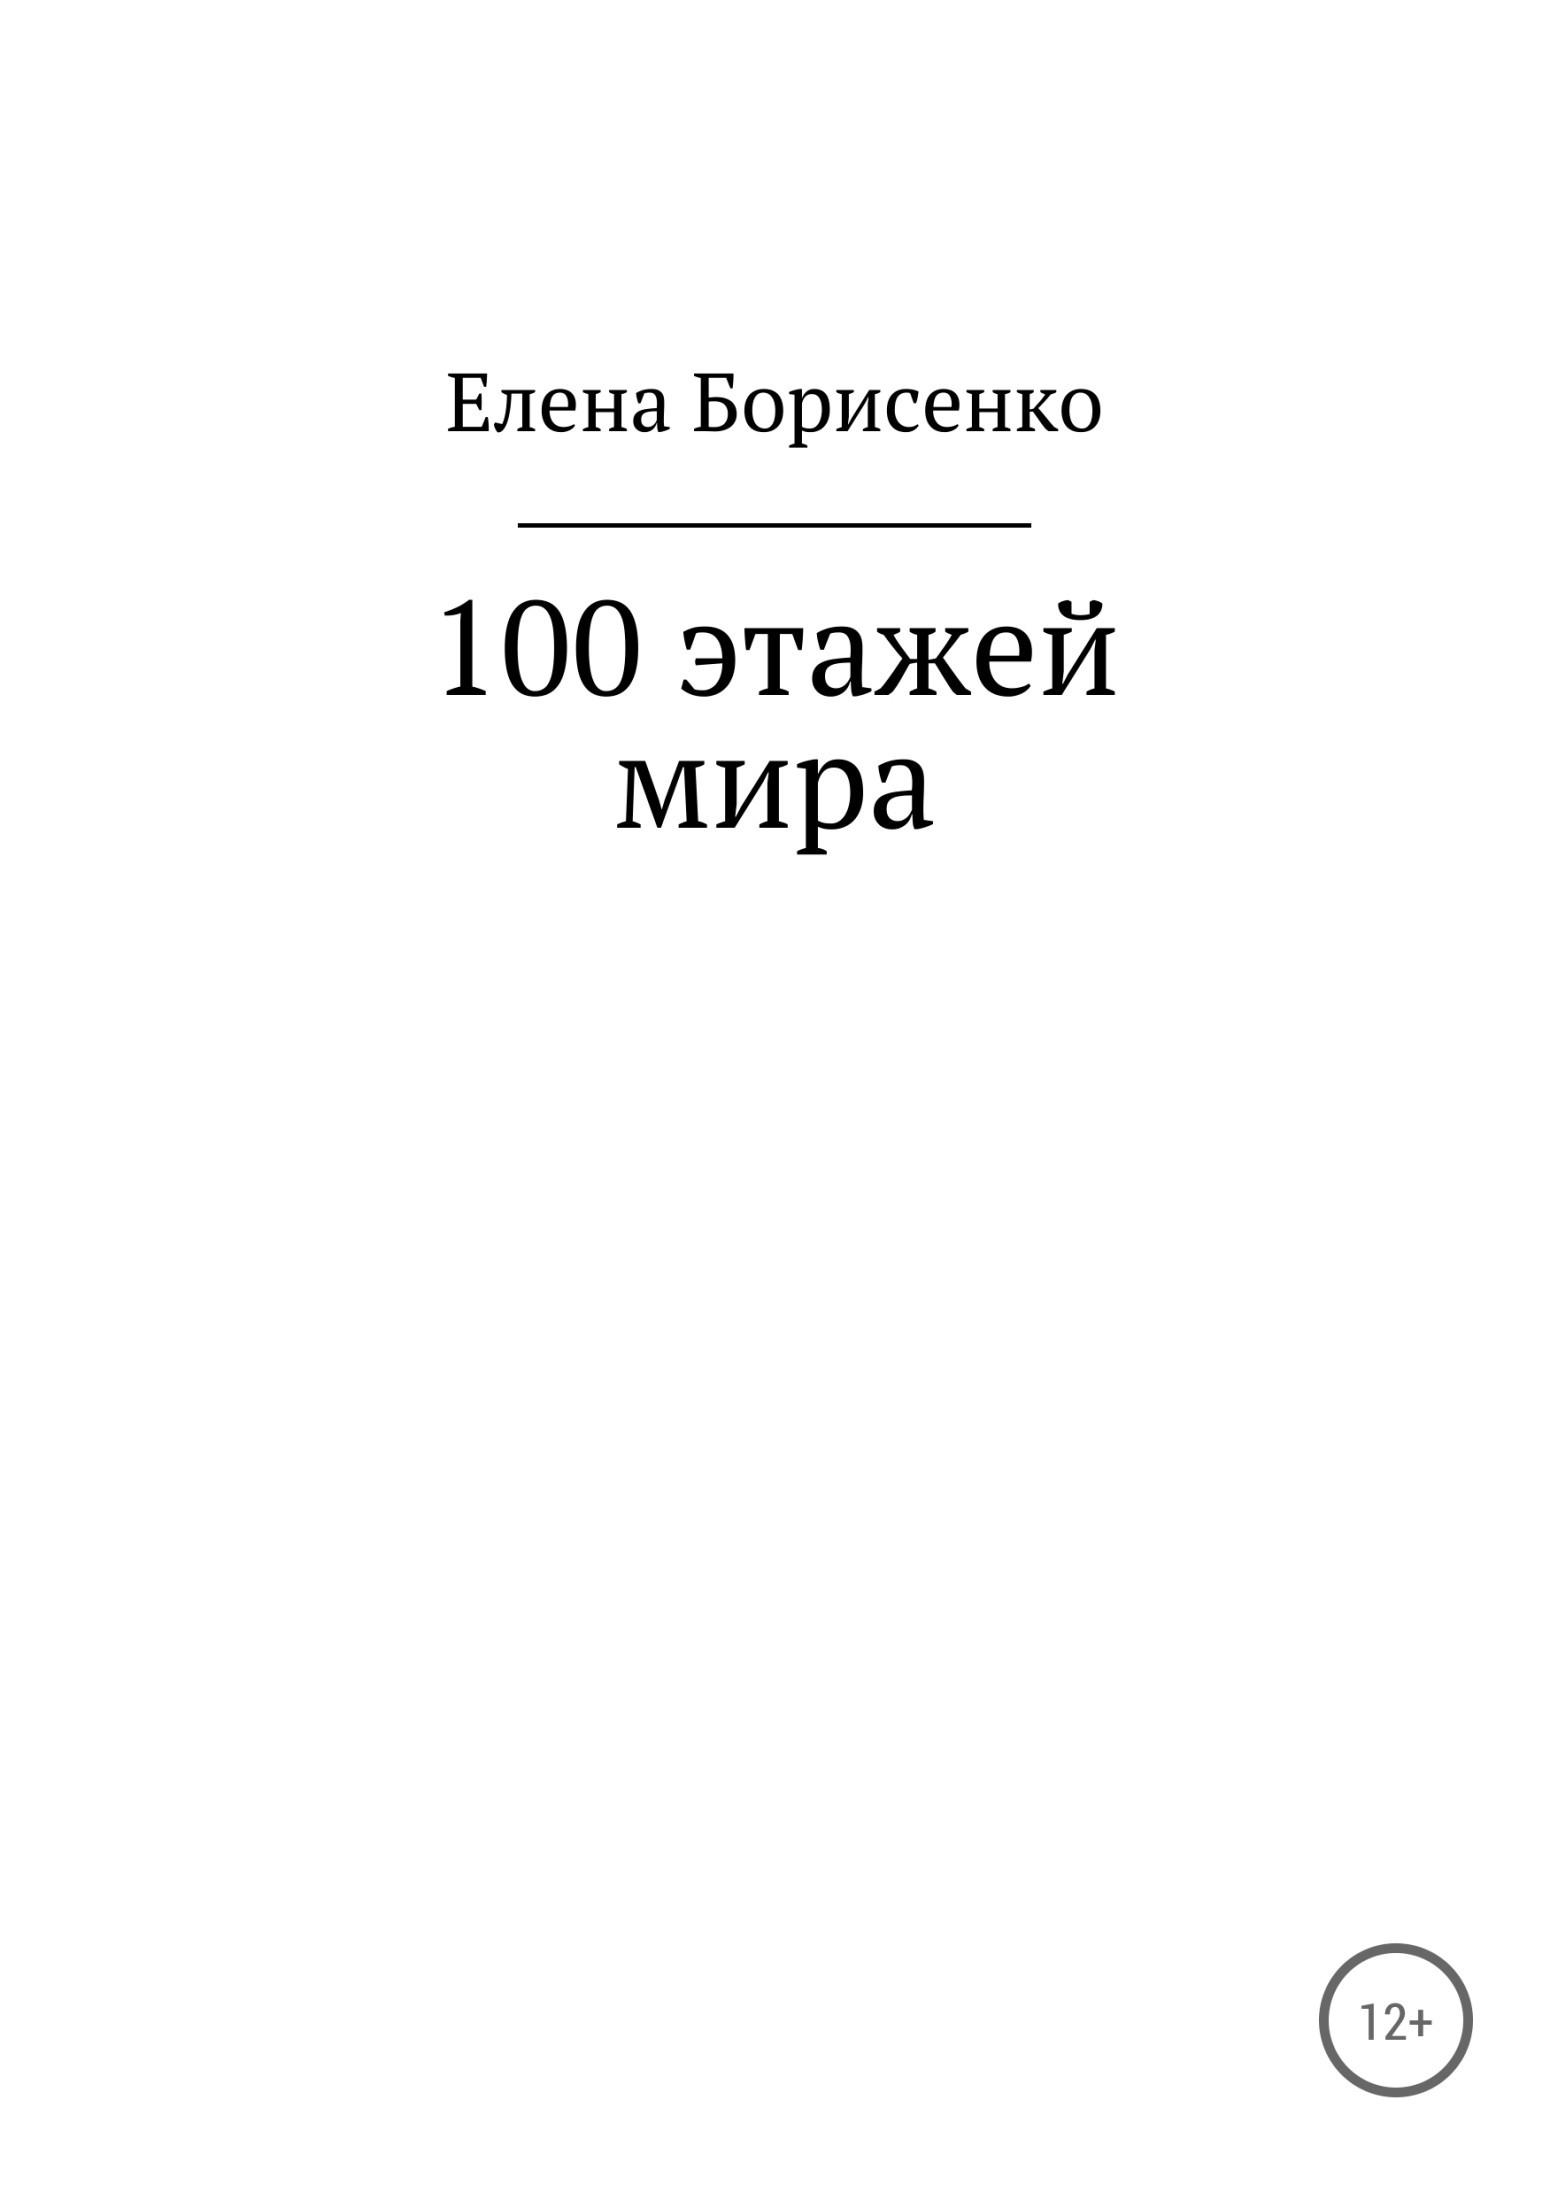 100 этажей мира